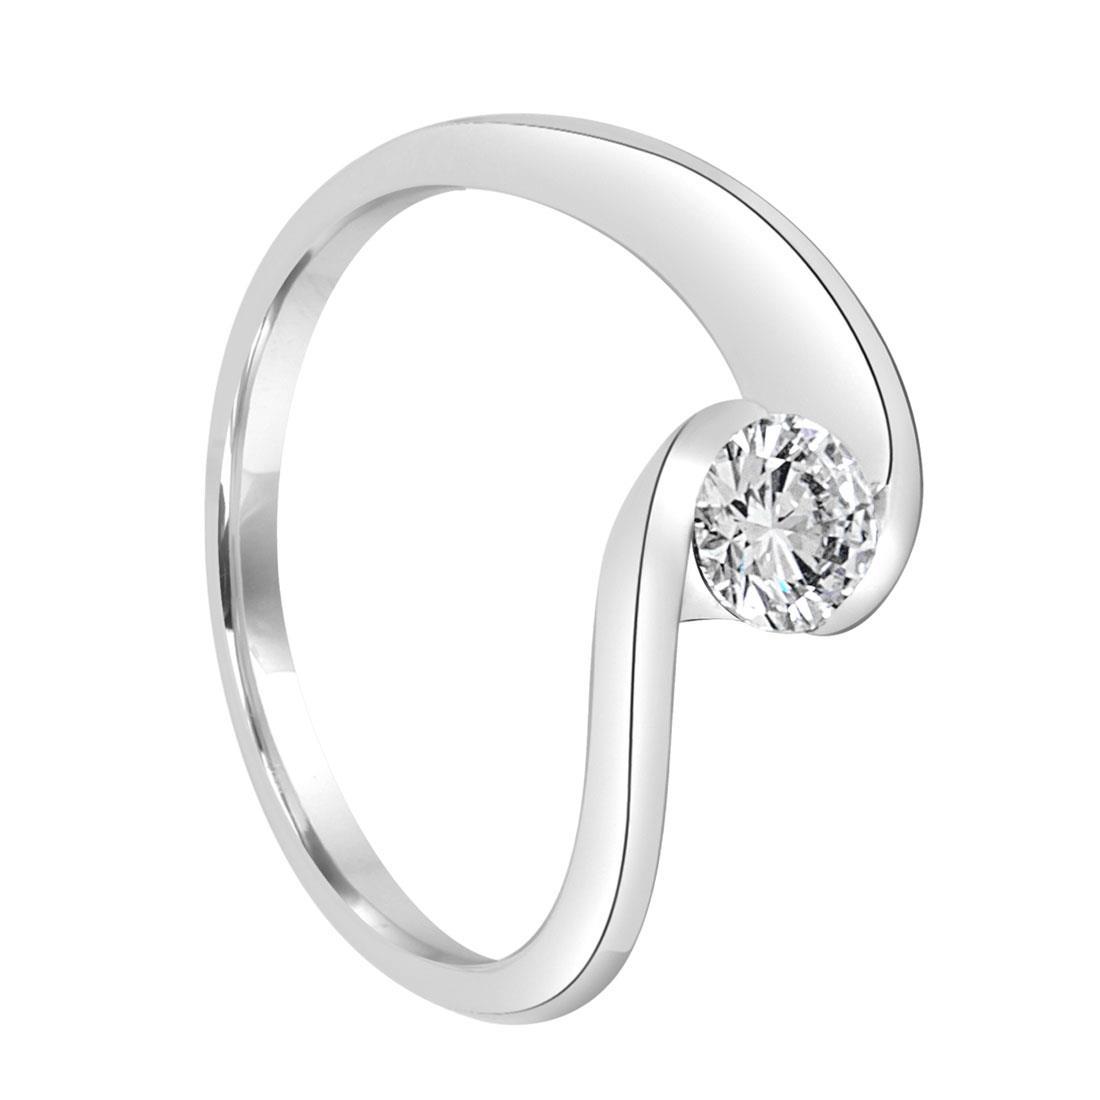 Anello solitario con diamante ct. 0,40 - ALFIERI & ST. JOHN